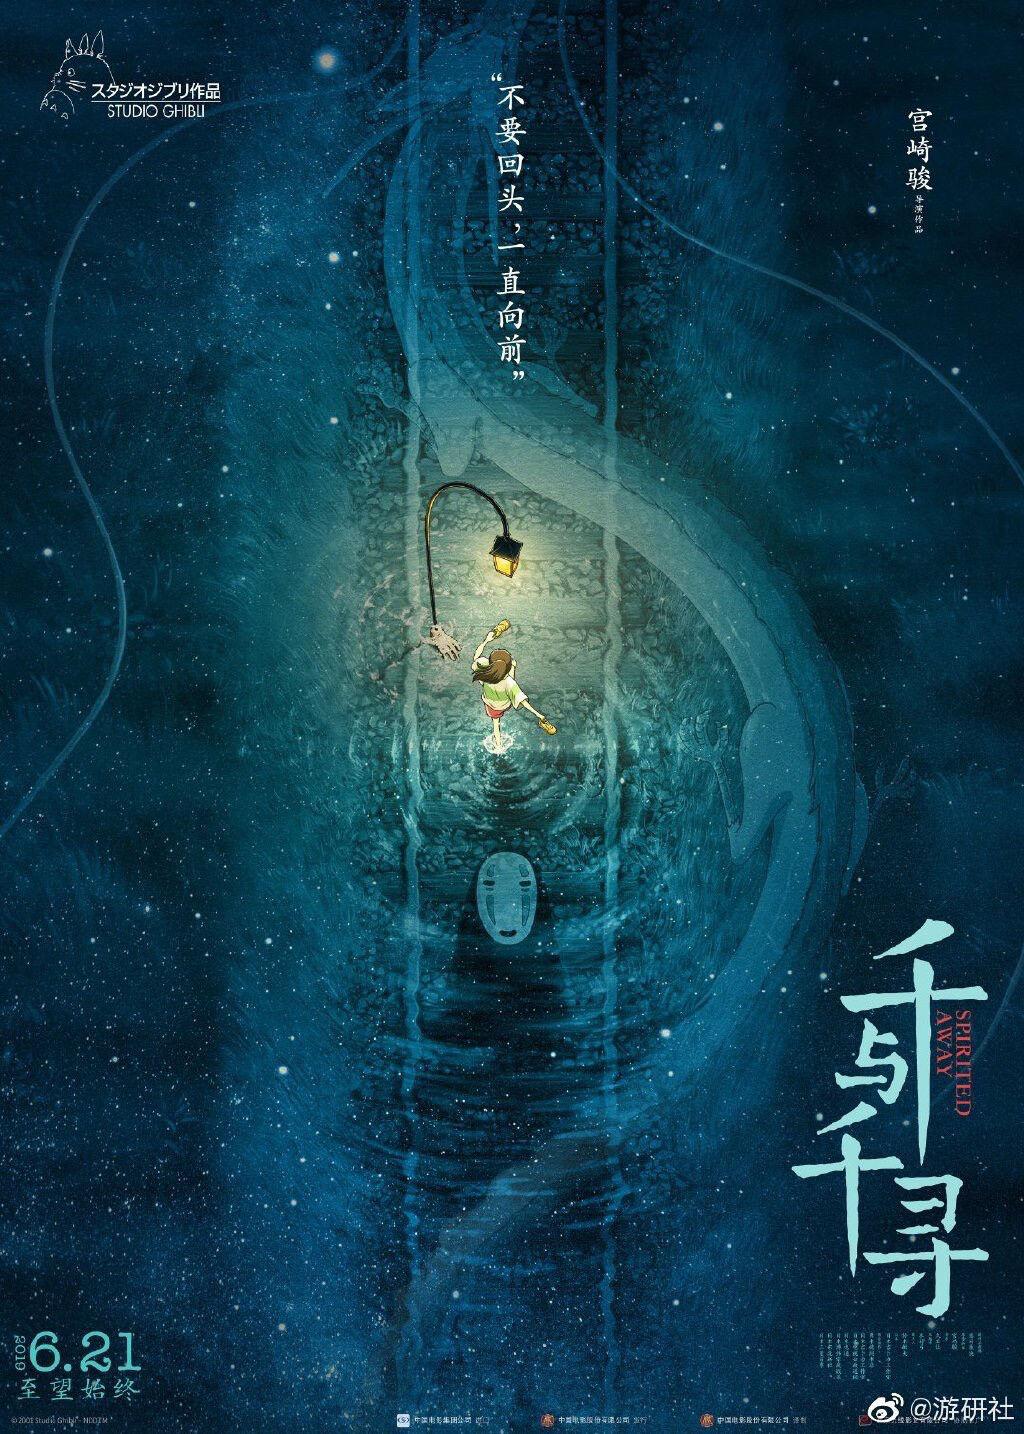 【画像】中国の千と千尋の神隠し宣伝ポスターwwwwwwwwww